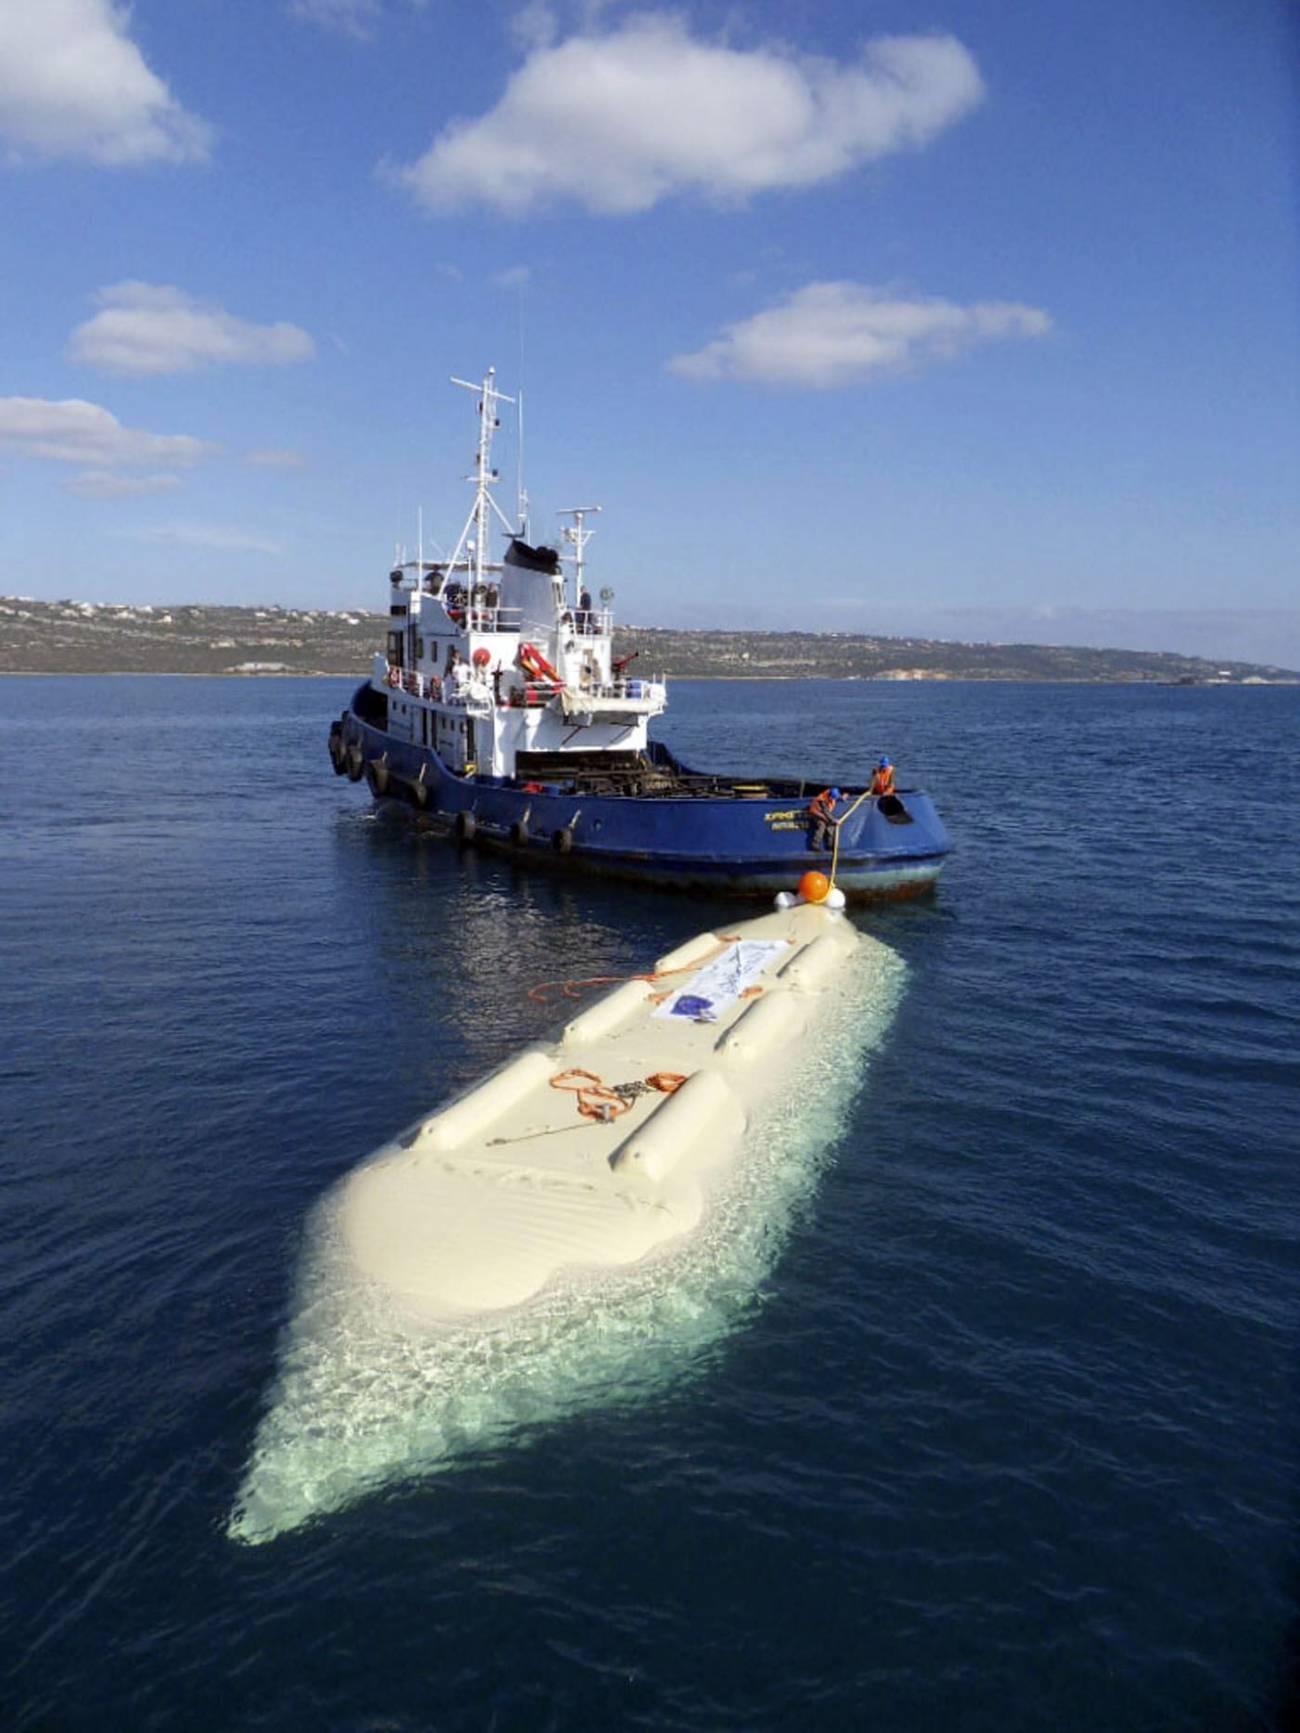 Este dispositivo transporta agua dulce por el mar, lo que permite abastecer a poblaciones costeras o islas con dificultades de suministro./ Efe